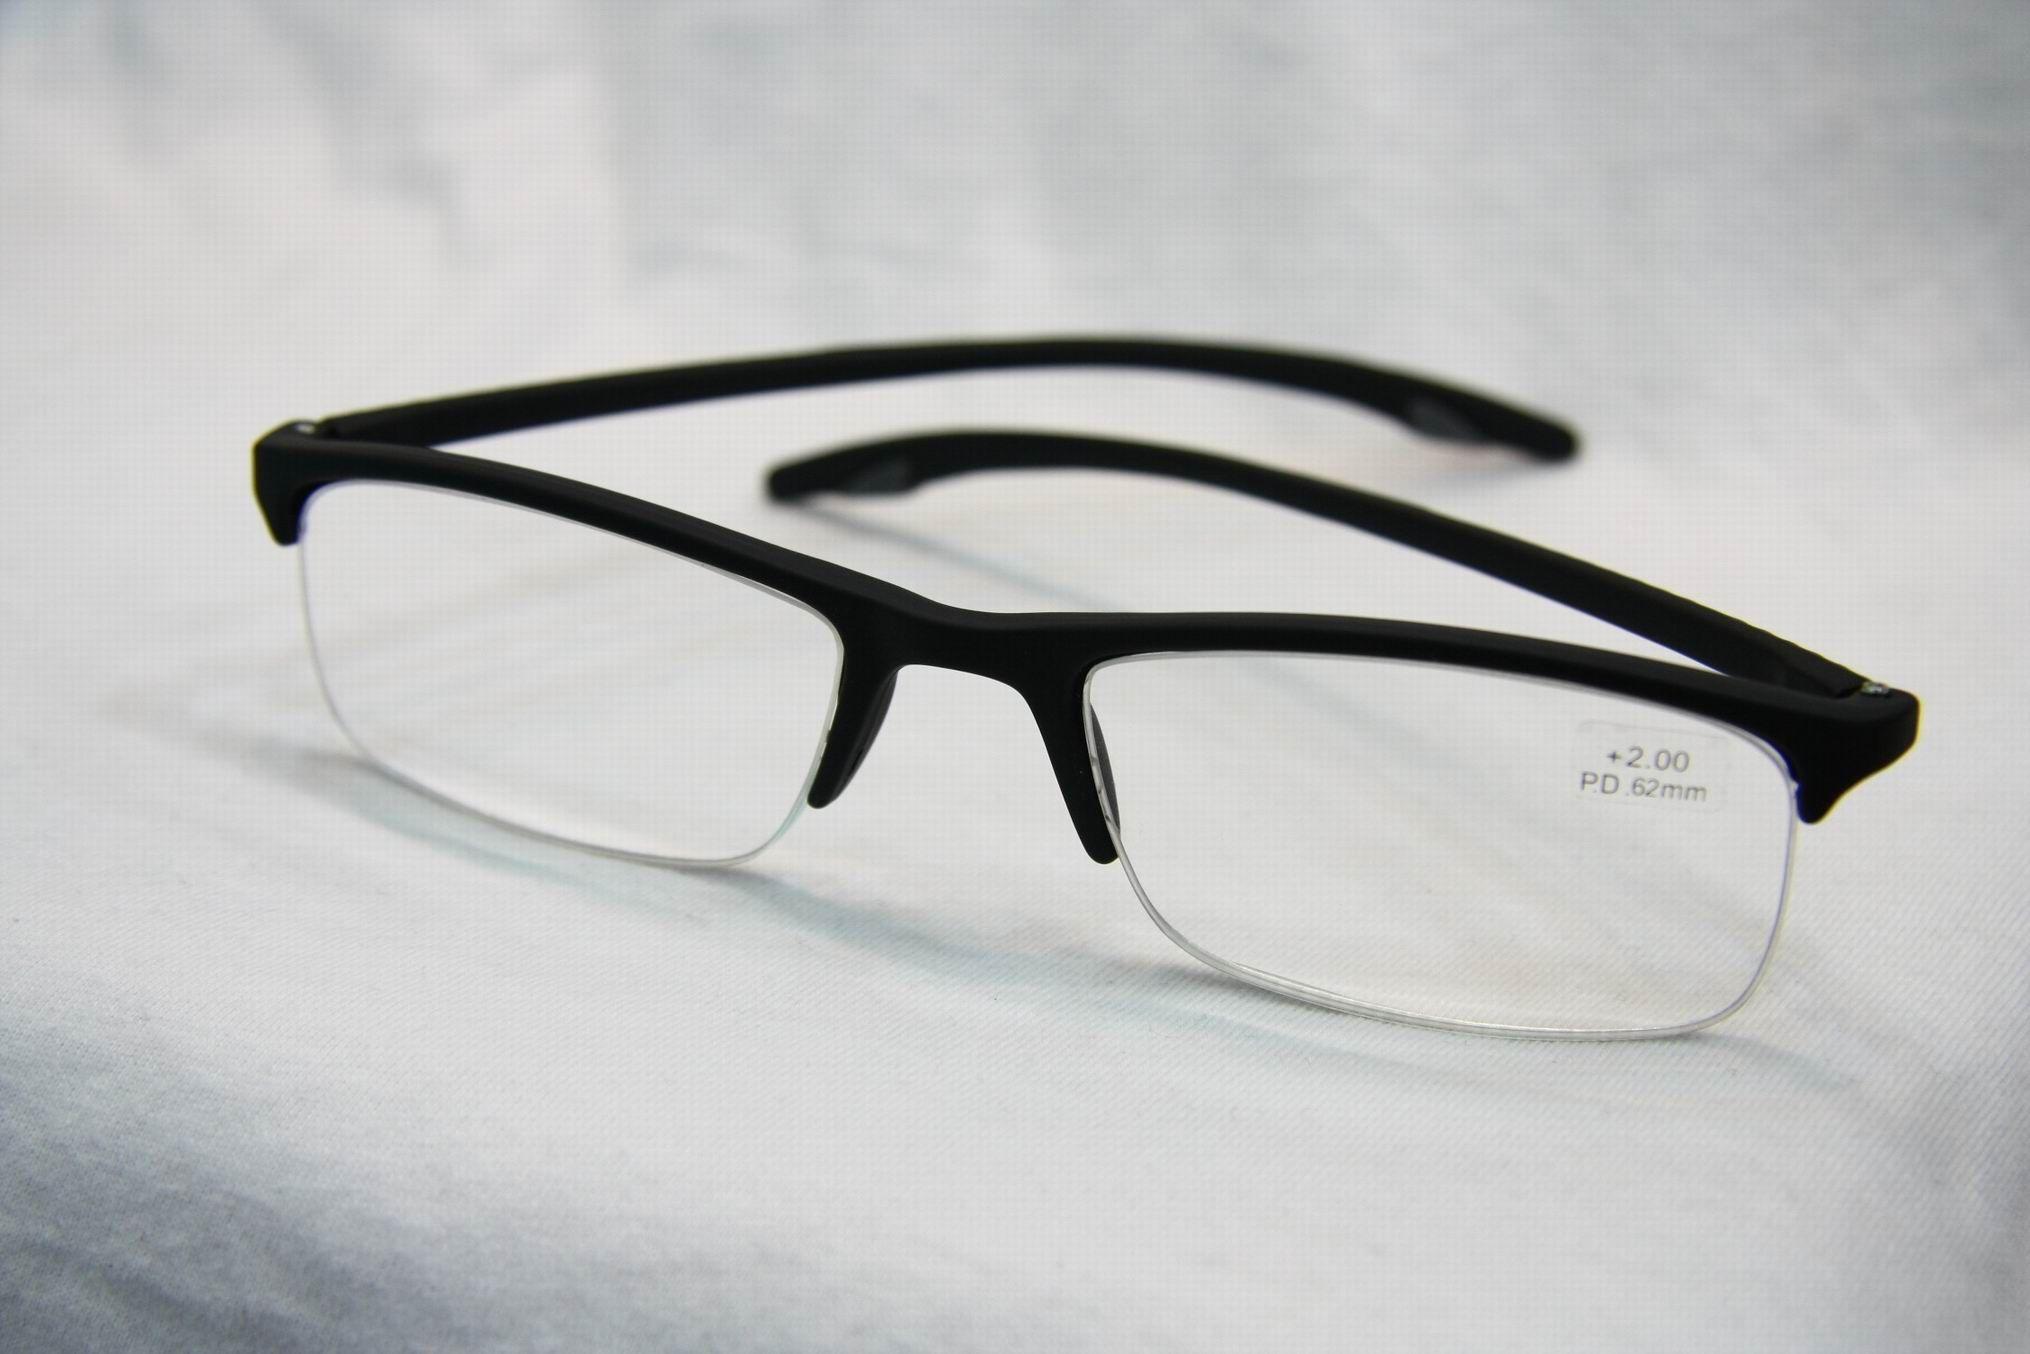 Mens Half Frame Glasses : Fashion Design Optics Reading Glasses,Half Rim TR90 ...